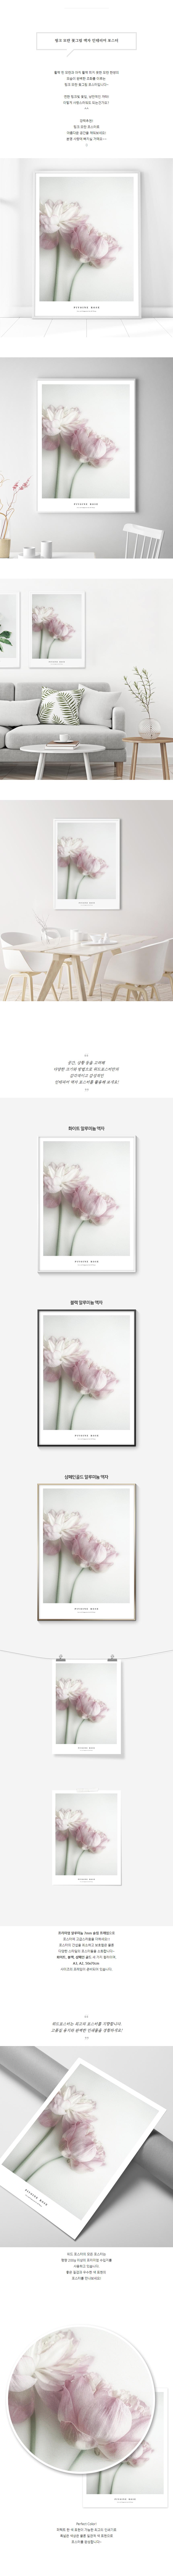 핑크 모란 꽃 그림 인테리어 액자 50x70(500x700mm) 포스터 + 이케아액자37,800원-위드포스터인테리어, 액자/홈갤러리, 홈갤러리, 보테니컬아트바보사랑핑크 모란 꽃 그림 인테리어 액자 50x70(500x700mm) 포스터 + 이케아액자37,800원-위드포스터인테리어, 액자/홈갤러리, 홈갤러리, 보테니컬아트바보사랑